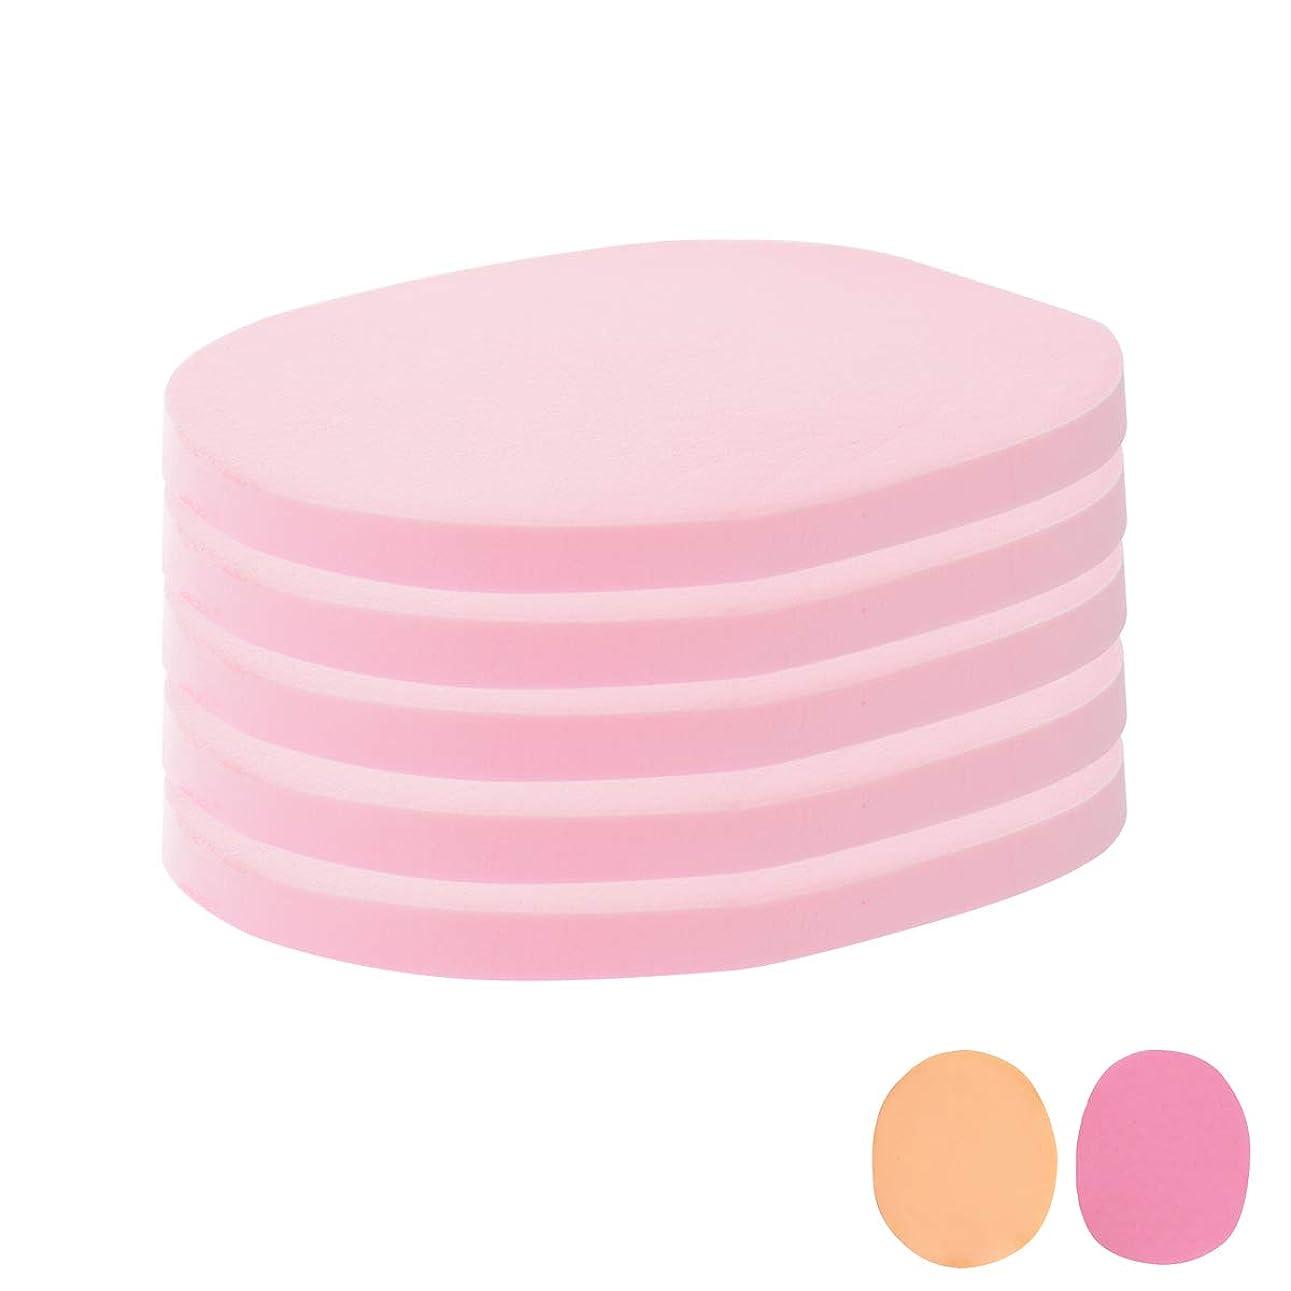 配偶者申請中誰がフェイシャルスポンジ 全4種 7mm厚 (きめ細かい) 5枚入 ピンク [ フェイススポンジ マッサージスポンジ フェイシャル フェイス 顔用 洗顔 エステ スポンジ パフ クレンジング パック マスク 拭き取り ]